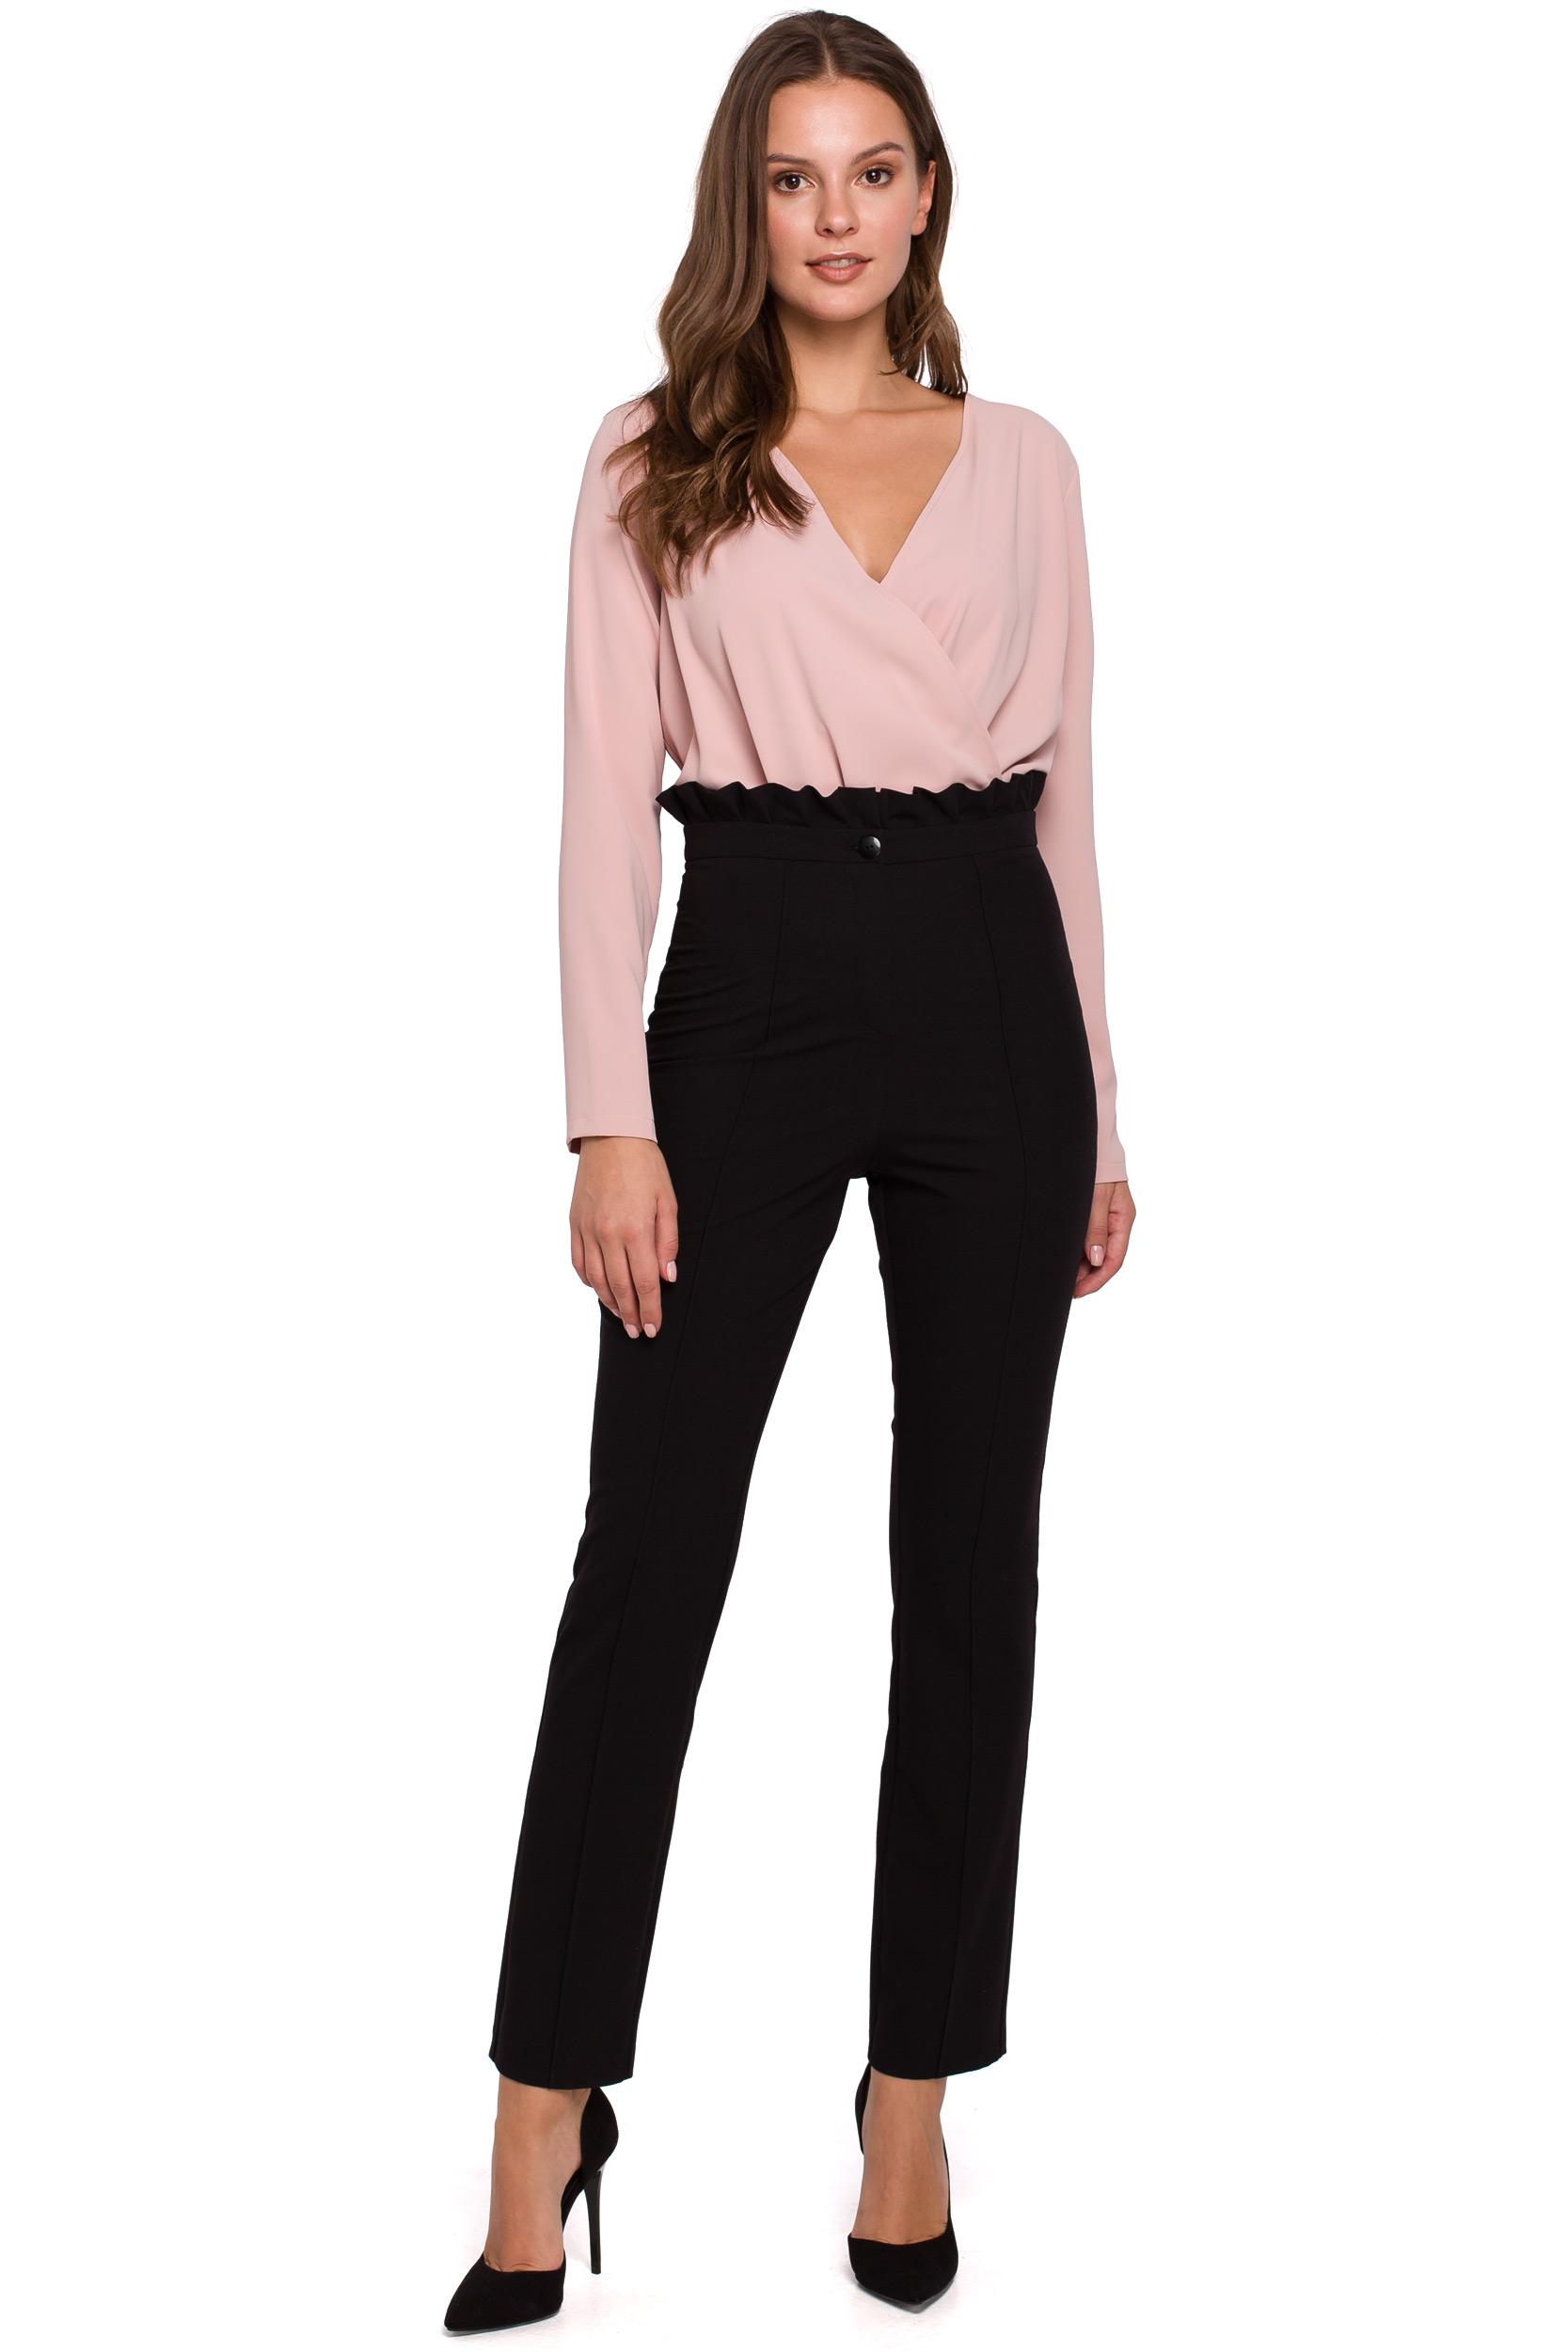 Eleganckie spodnie damskie z wysokim stanem i zakładkami czarne K008